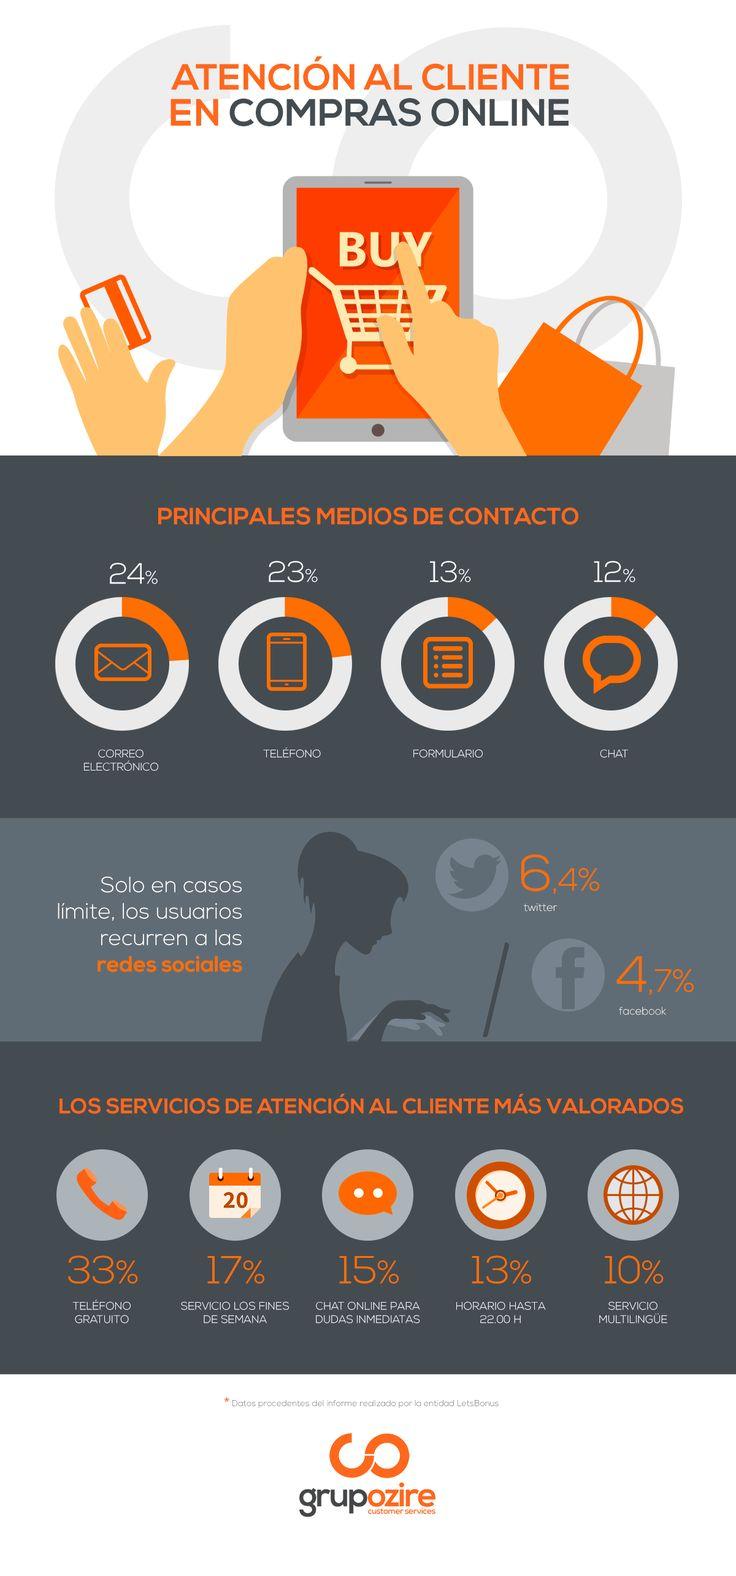 Hola: Una infografía sobre atención al cliente en compras online. Vía Un saludo